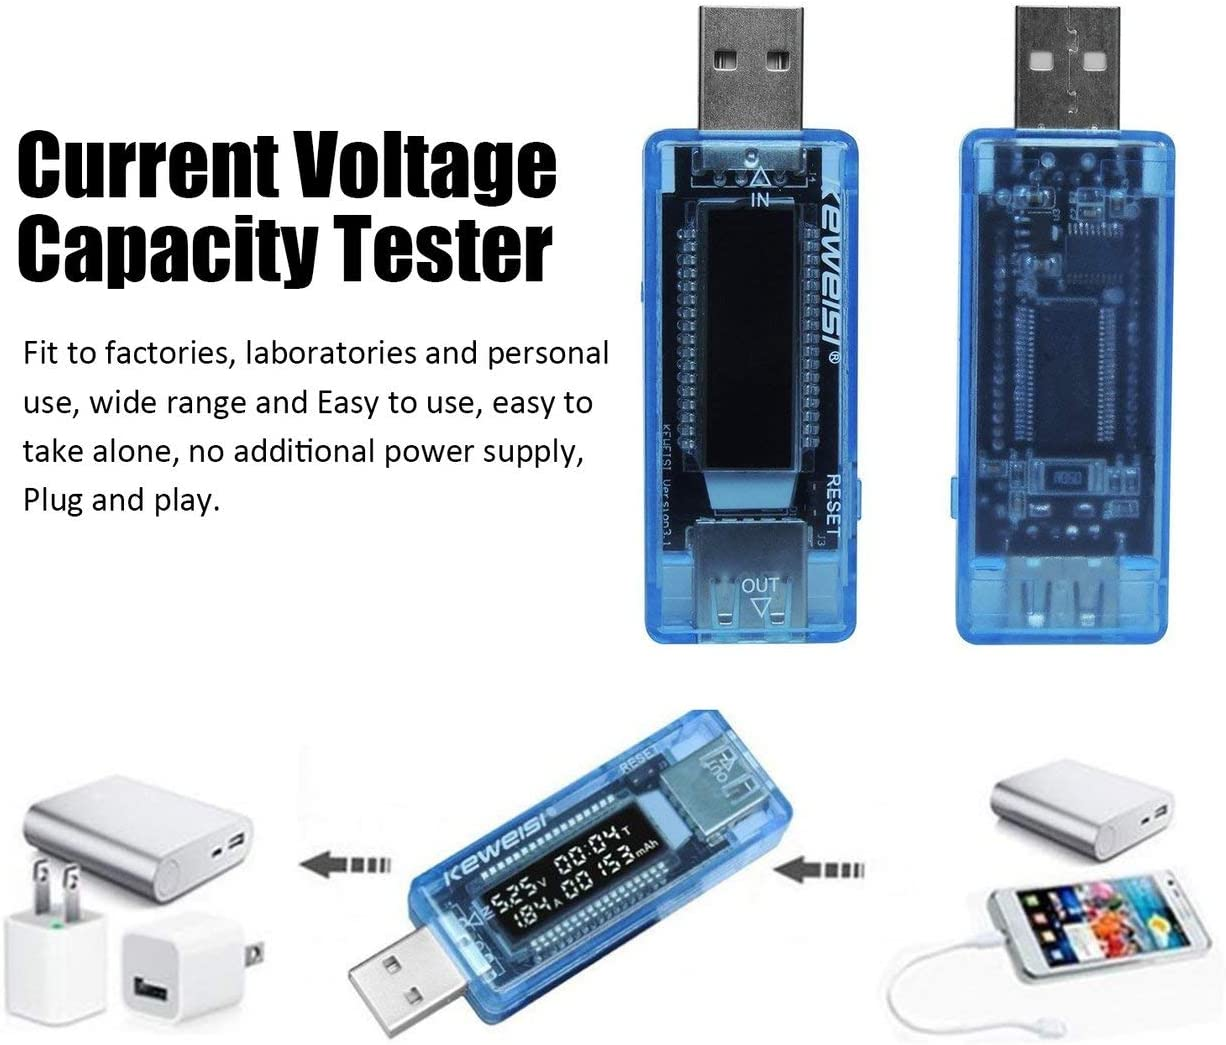 LCD USB D/étecteur USB Volt Courant Tension Doctor Chargeur Capacit/é Capacit/é Plug and Play Banque Testeur Compteur Voltm/ètre Amp/èrem/ètre